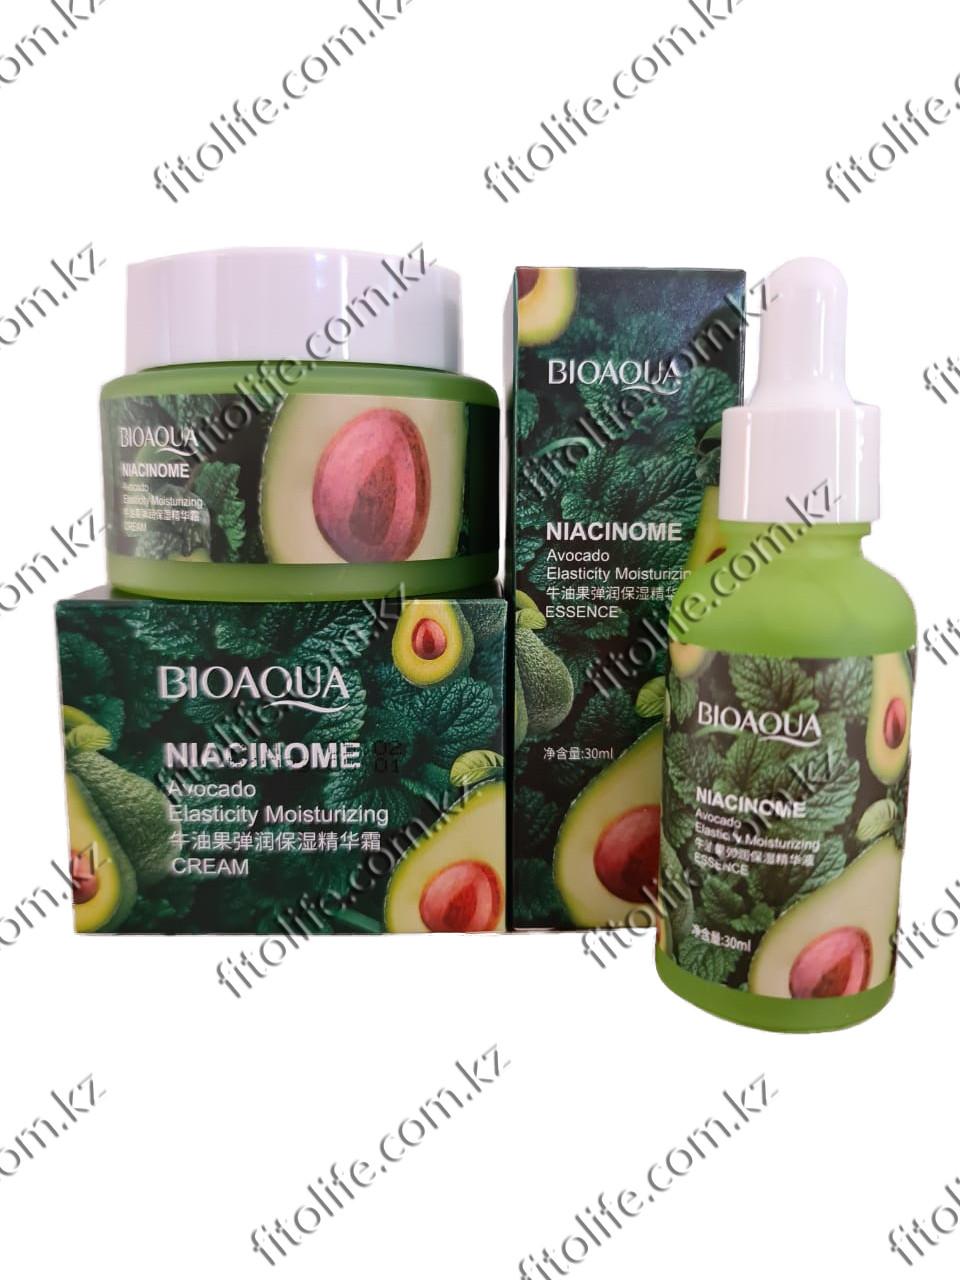 Набор для увлажнения лица BioAqua Niacinome Avocado